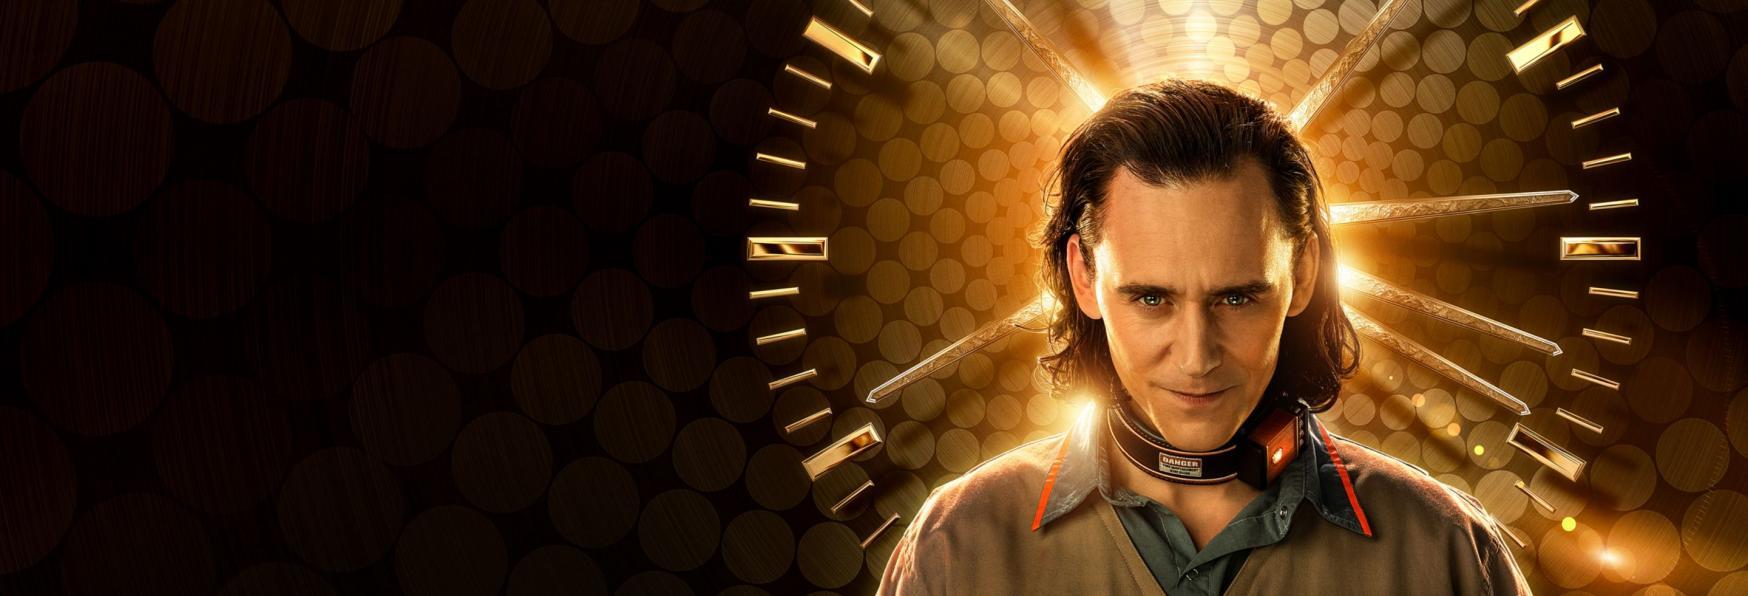 Loki 1x06: Perché l'Ultimo Episodio non ha una Tradizionale Scena Post-Credit?